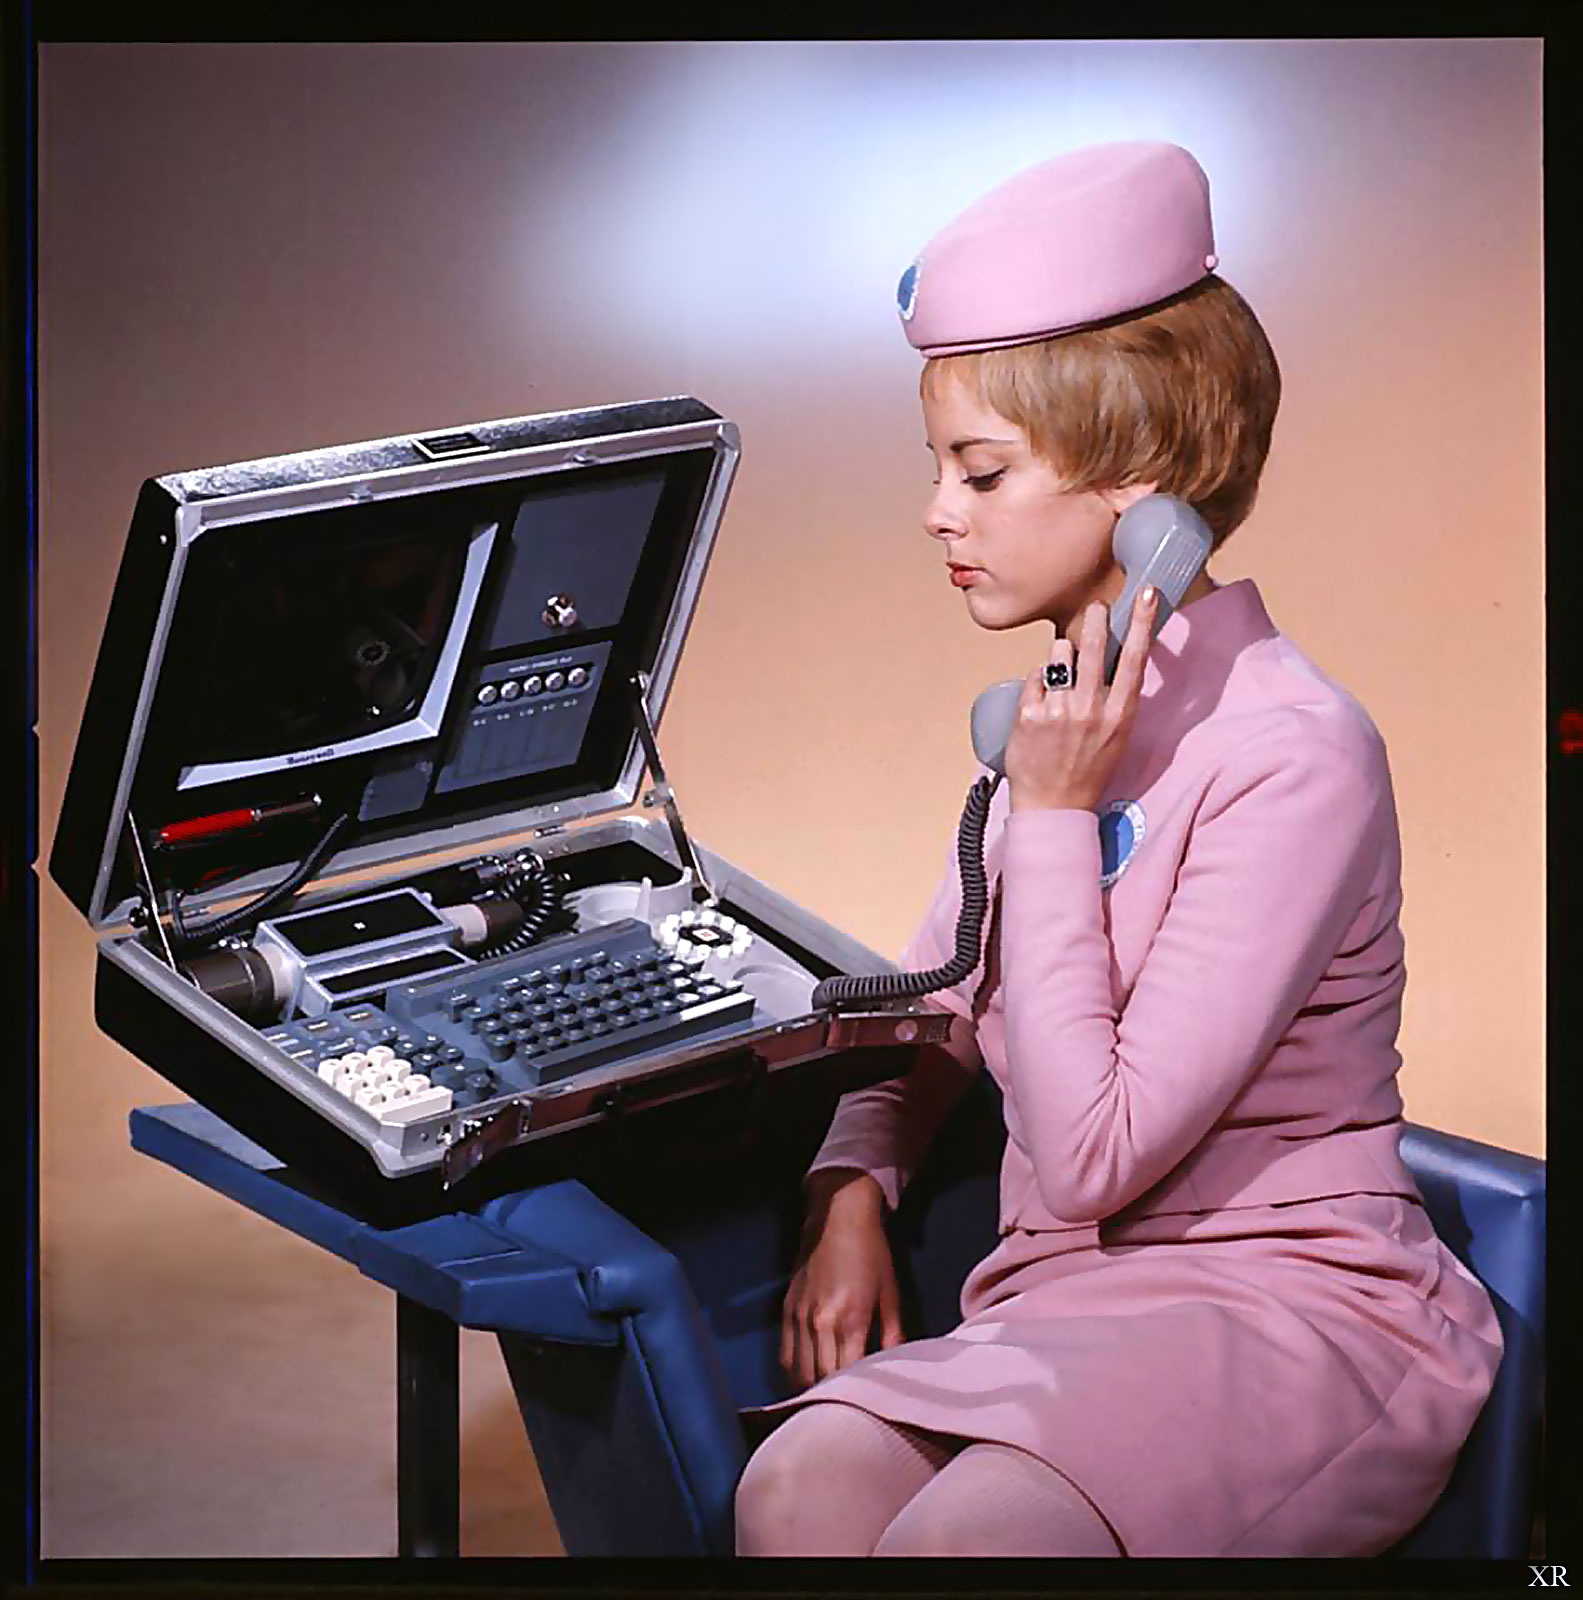 Кадр из научно-фантастического фильма 1968 года Стэнли Кубрика Космическая одиссея 2001 года